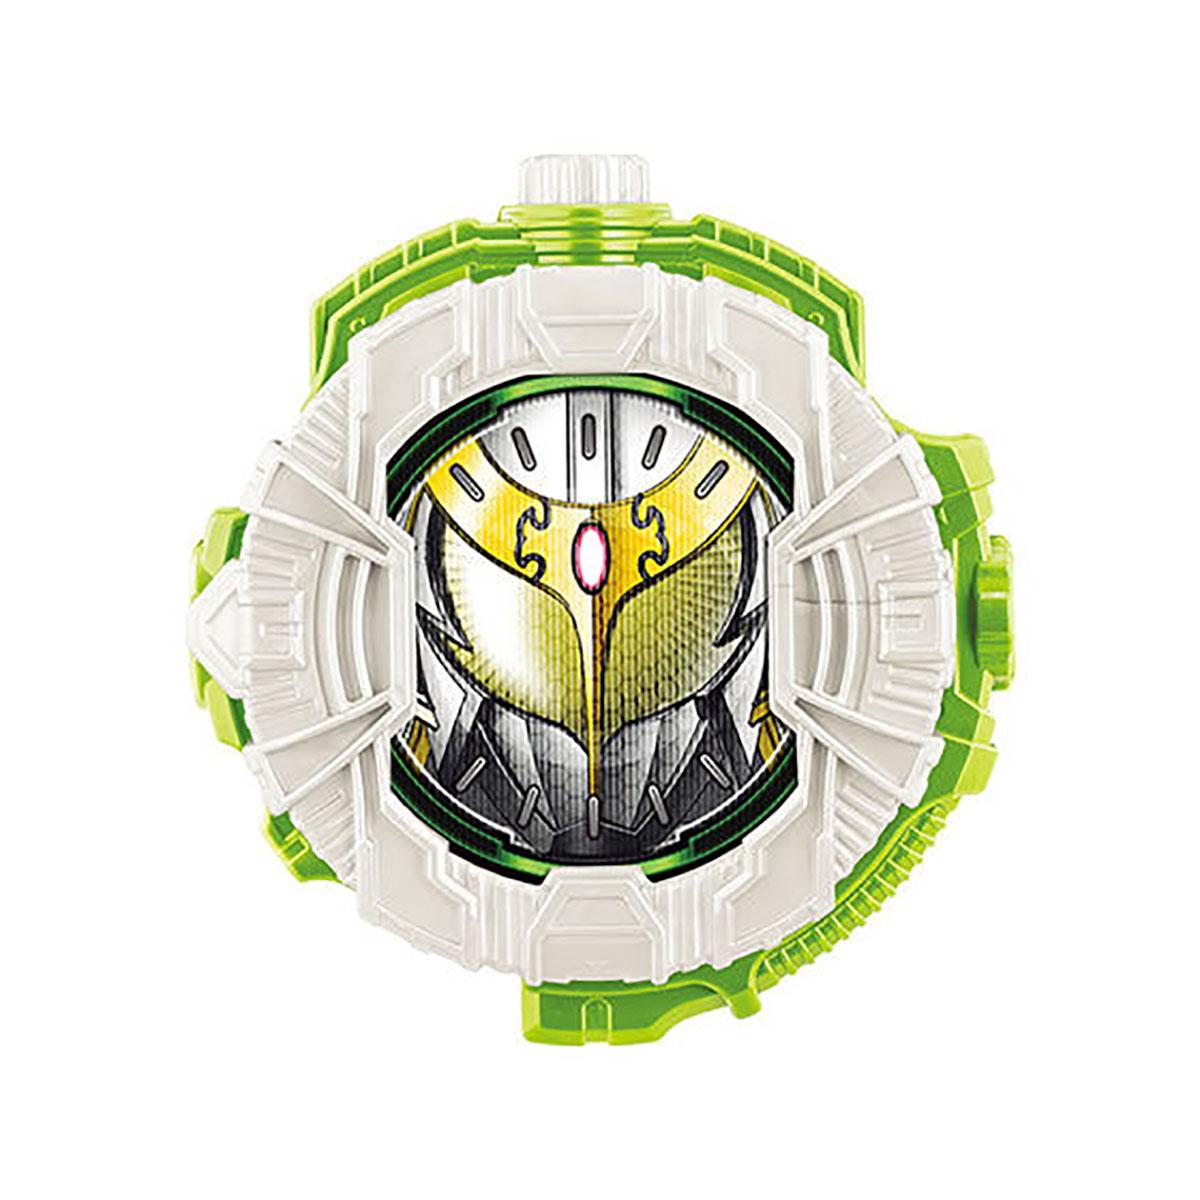 仮面ライダージオウ サウンドライドウォッチシリーズ『GPライドウォッチ11』ガシャポン-004